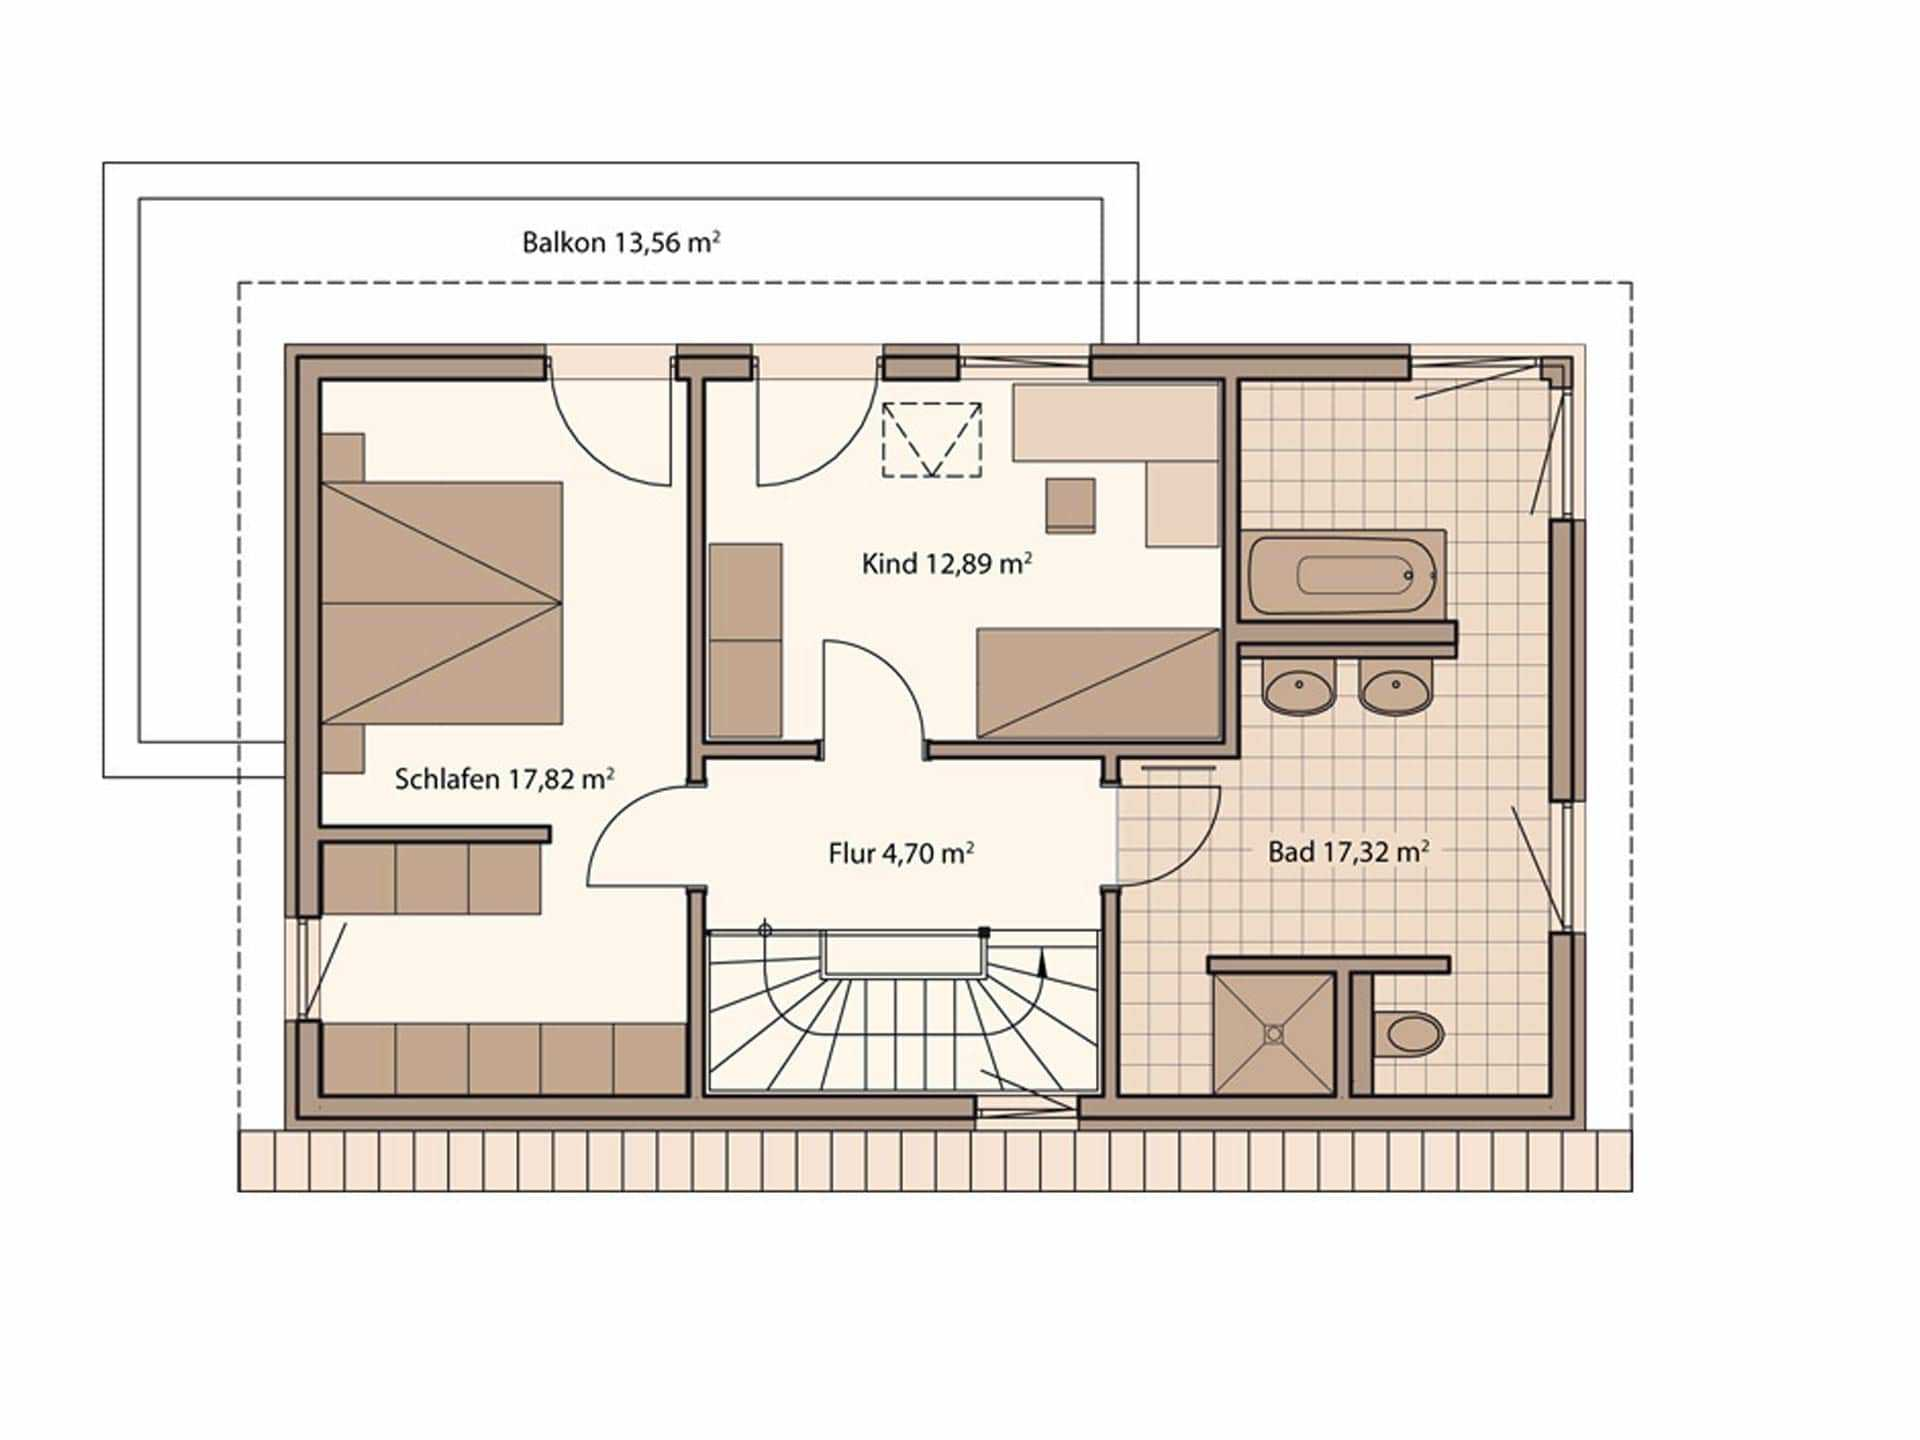 Pultdachhaus bauen informationen und erfahrungen for Pultdachhaus grundriss